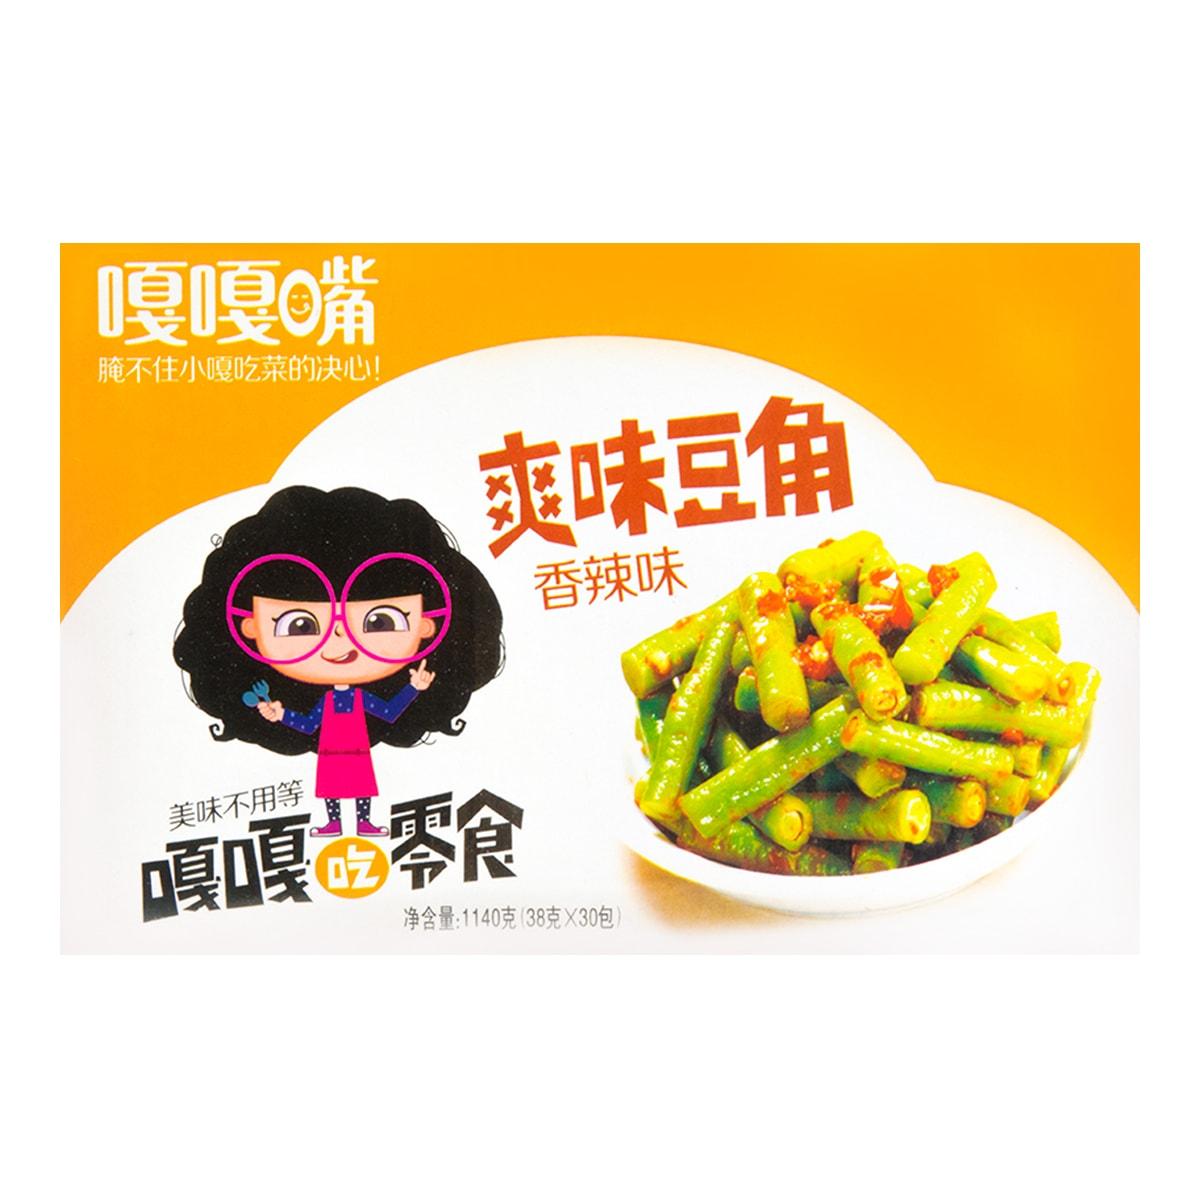 GAGAZUI Spicy Green Bean Box Package 1140g